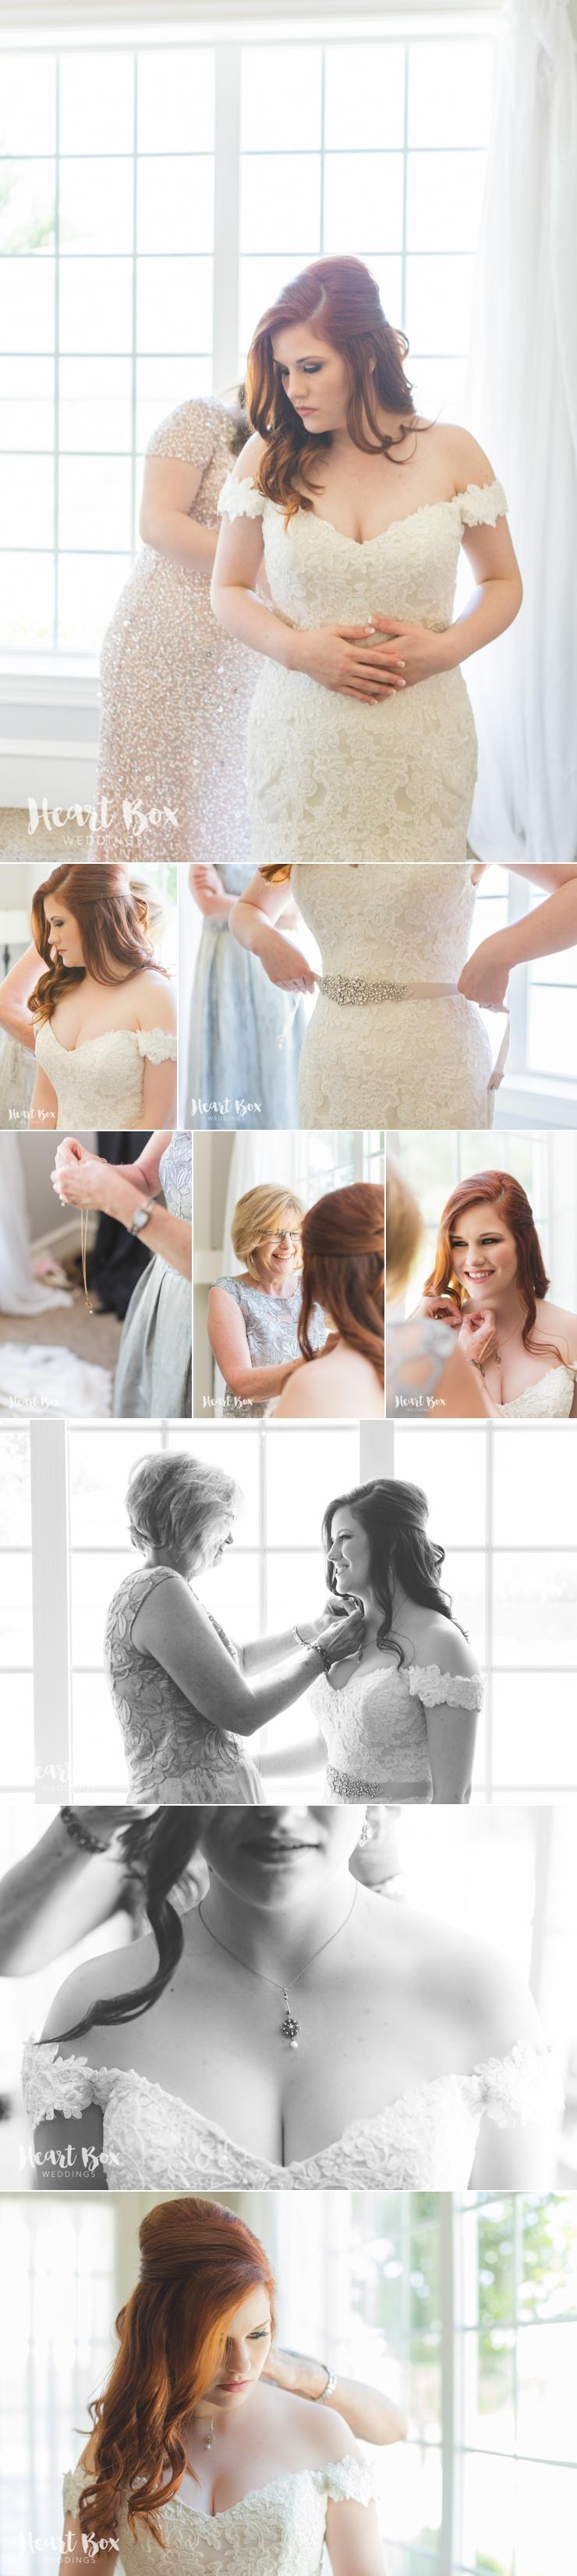 Muprhey Wedding Blog Collages 3.jpg